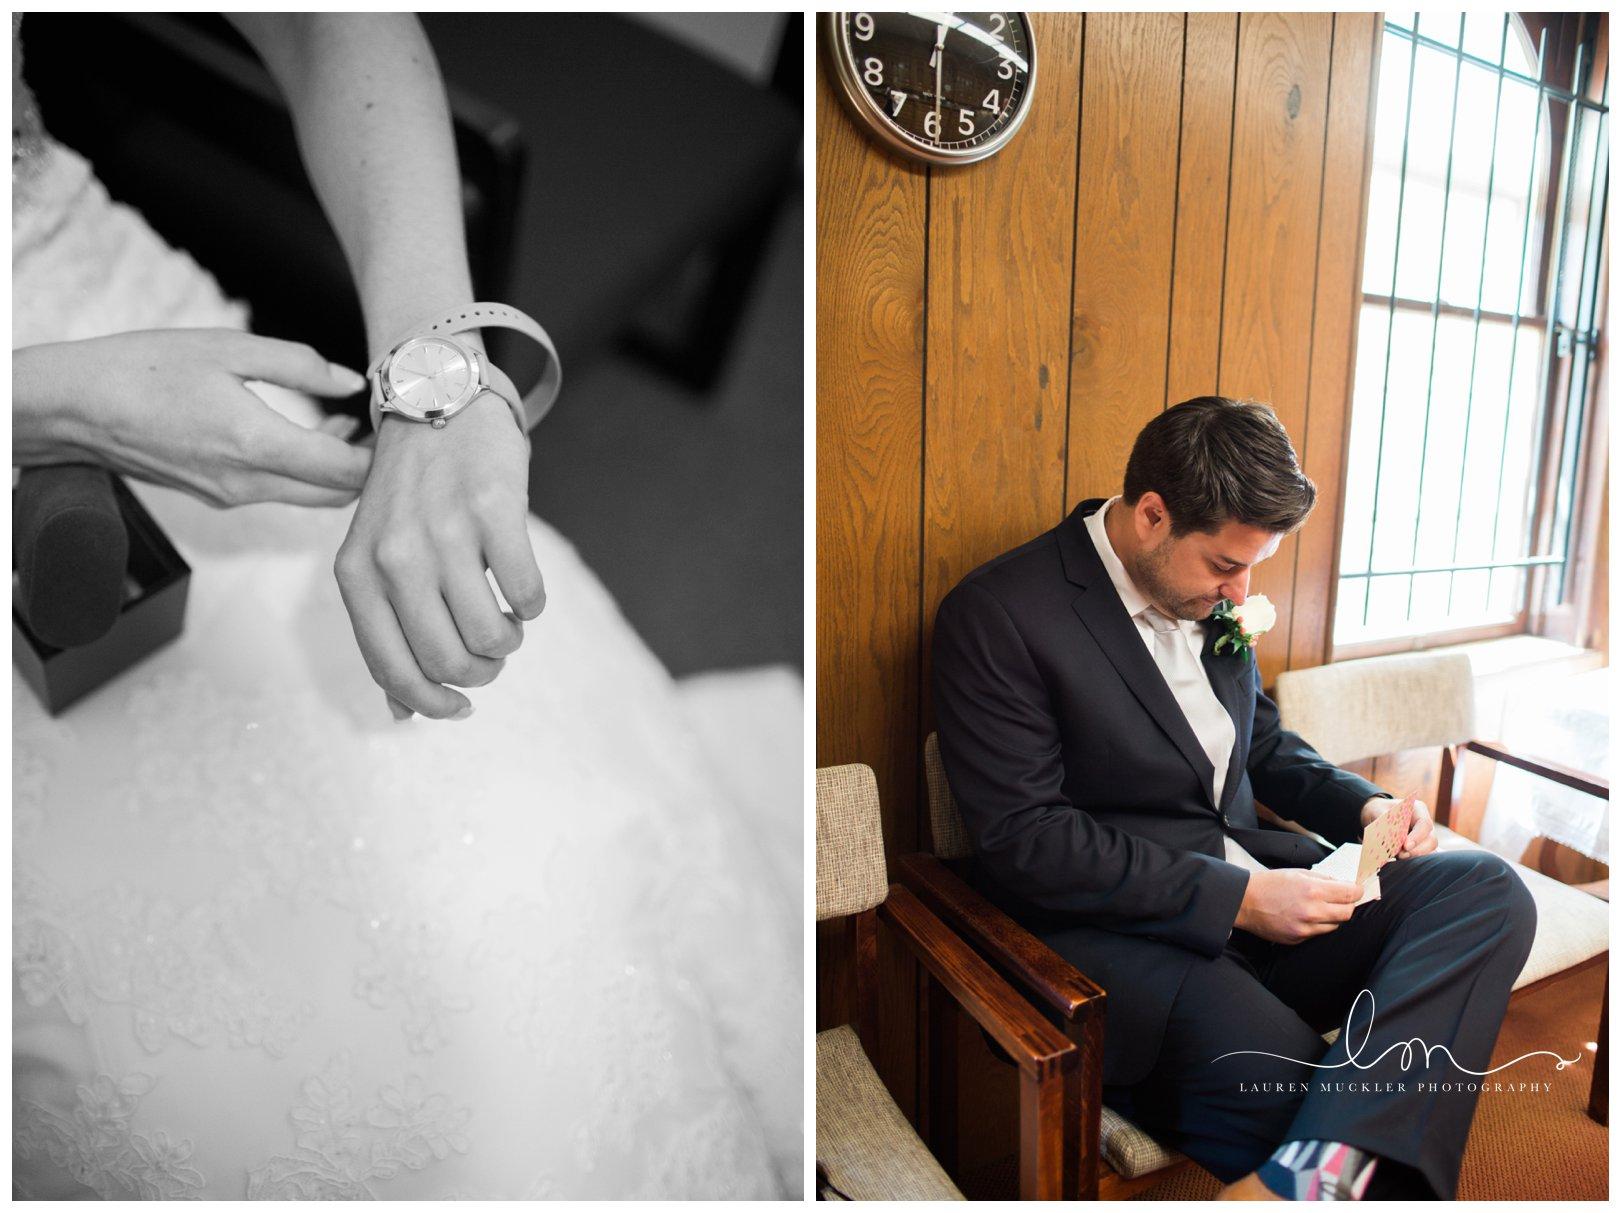 lauren muckler photography_fine art film wedding photography_st louis_photography_0031.jpg